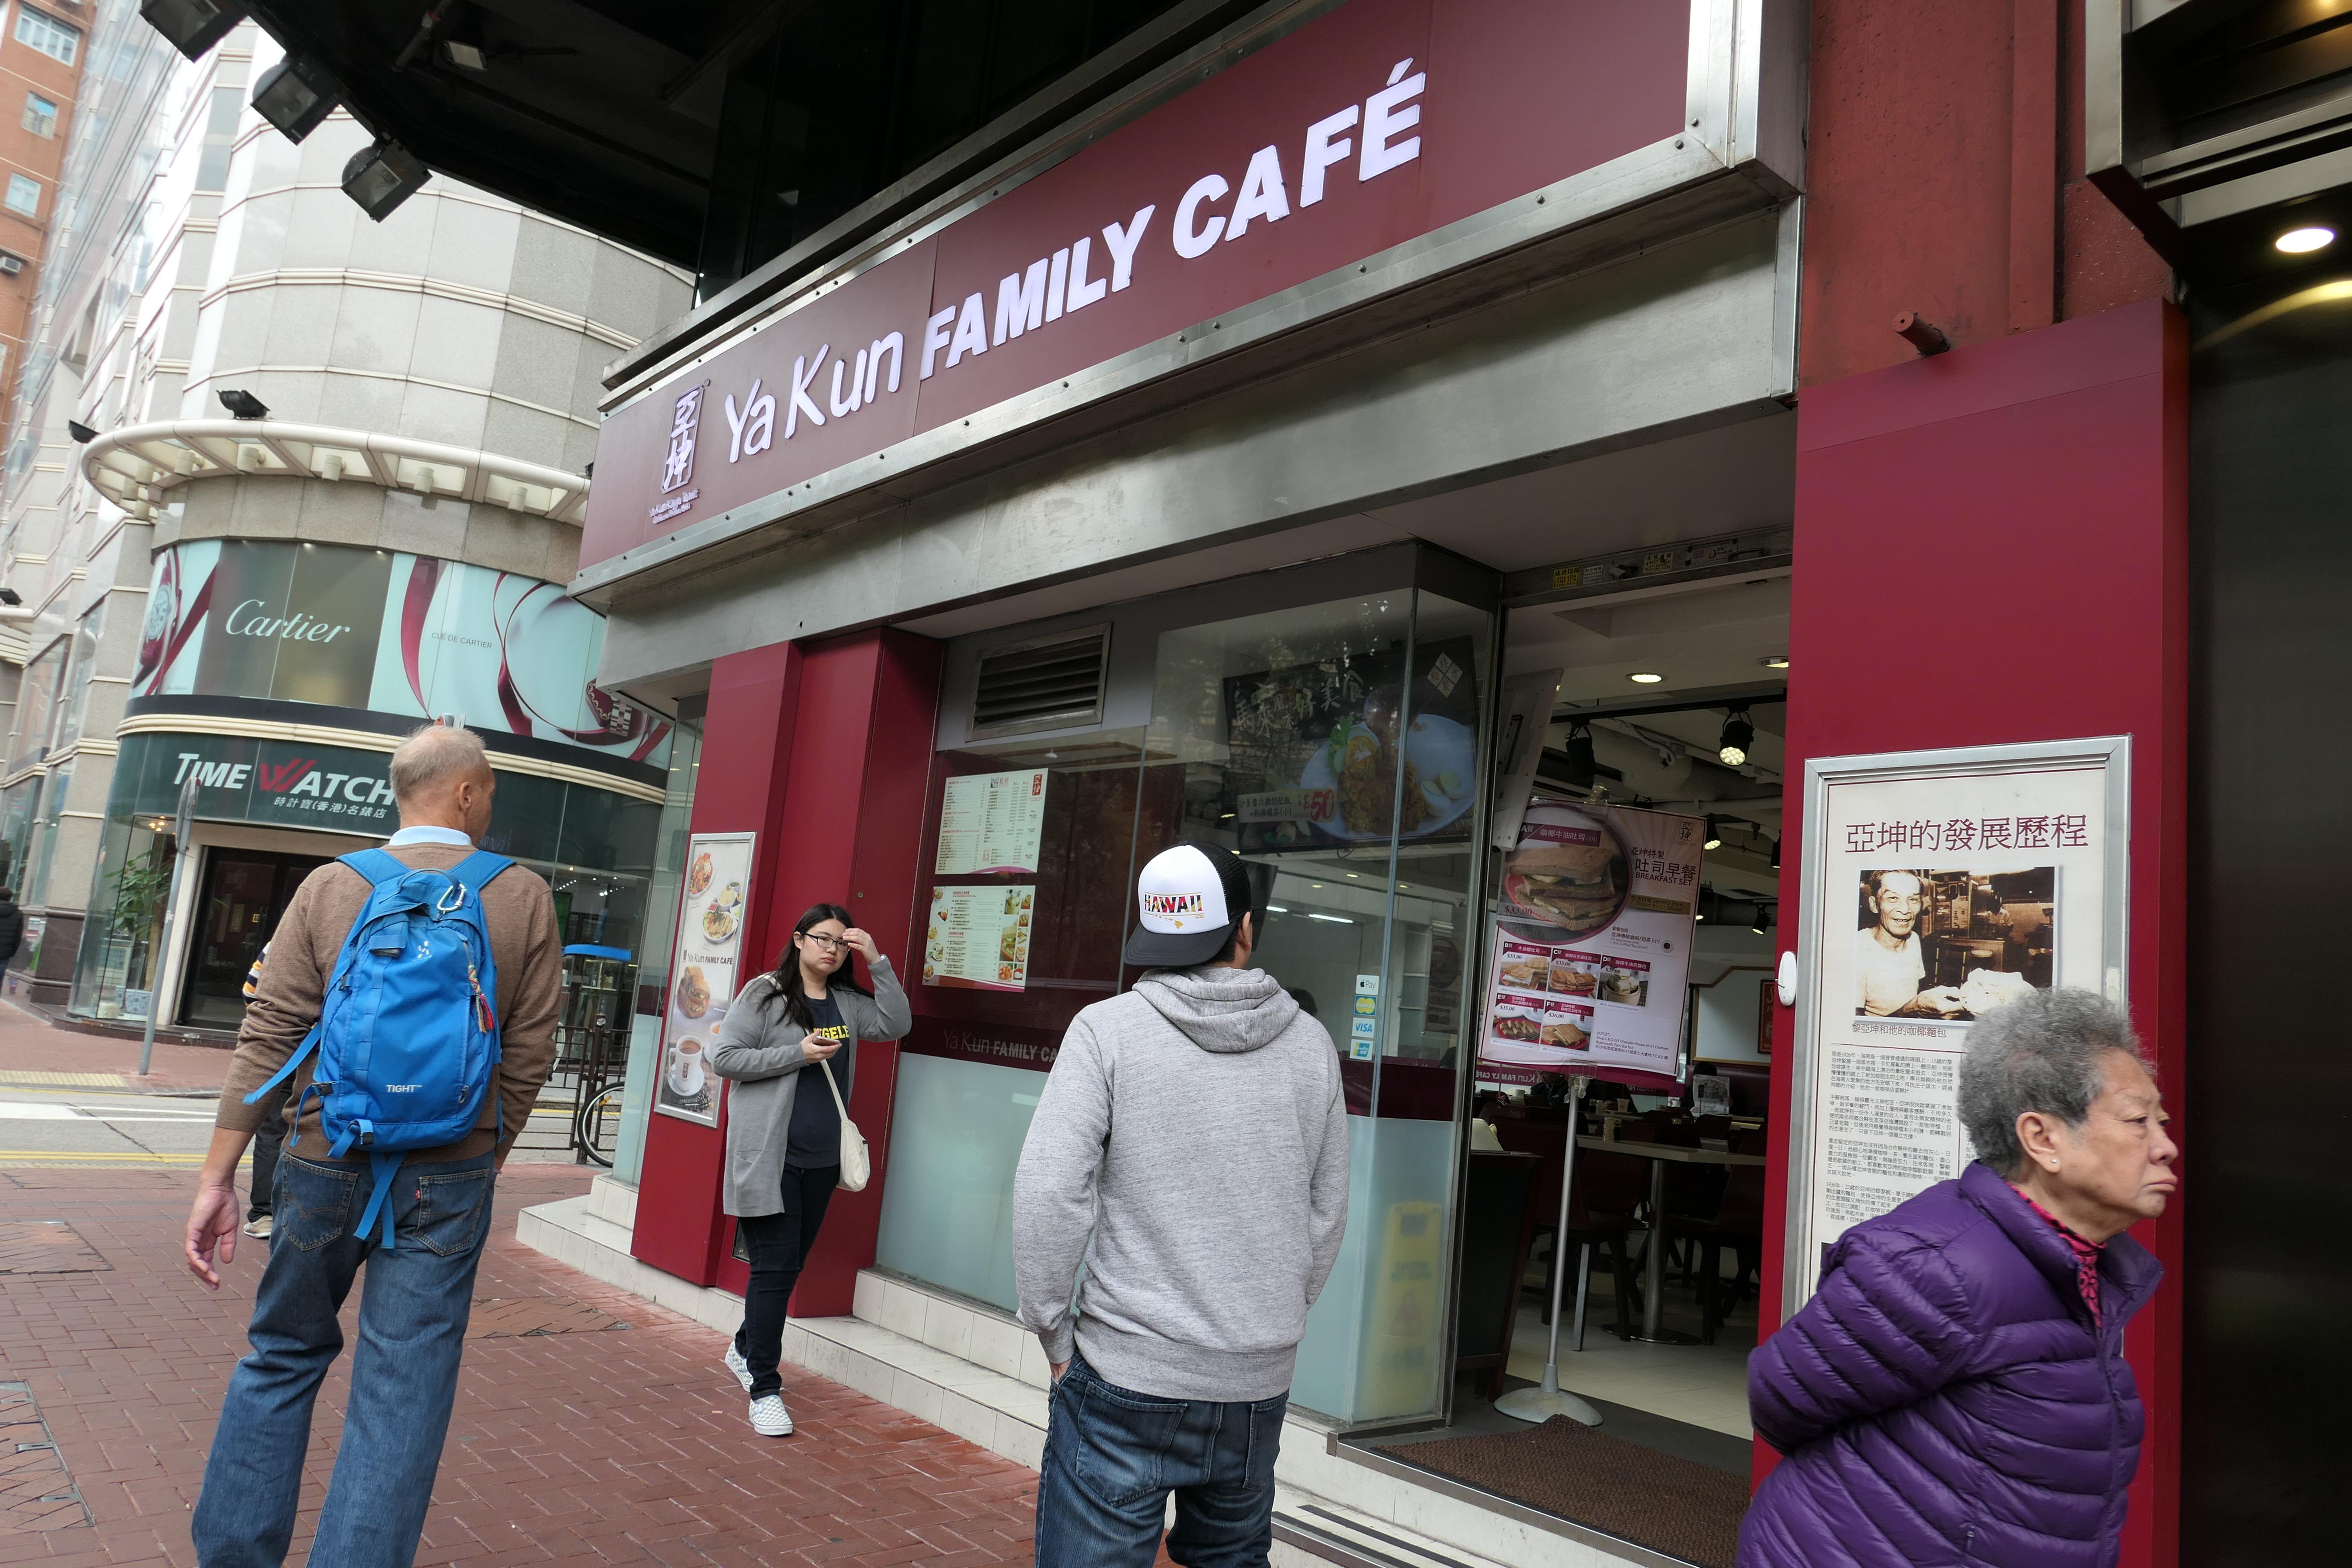 Ya Kun Family Cafe - Kaya Toast